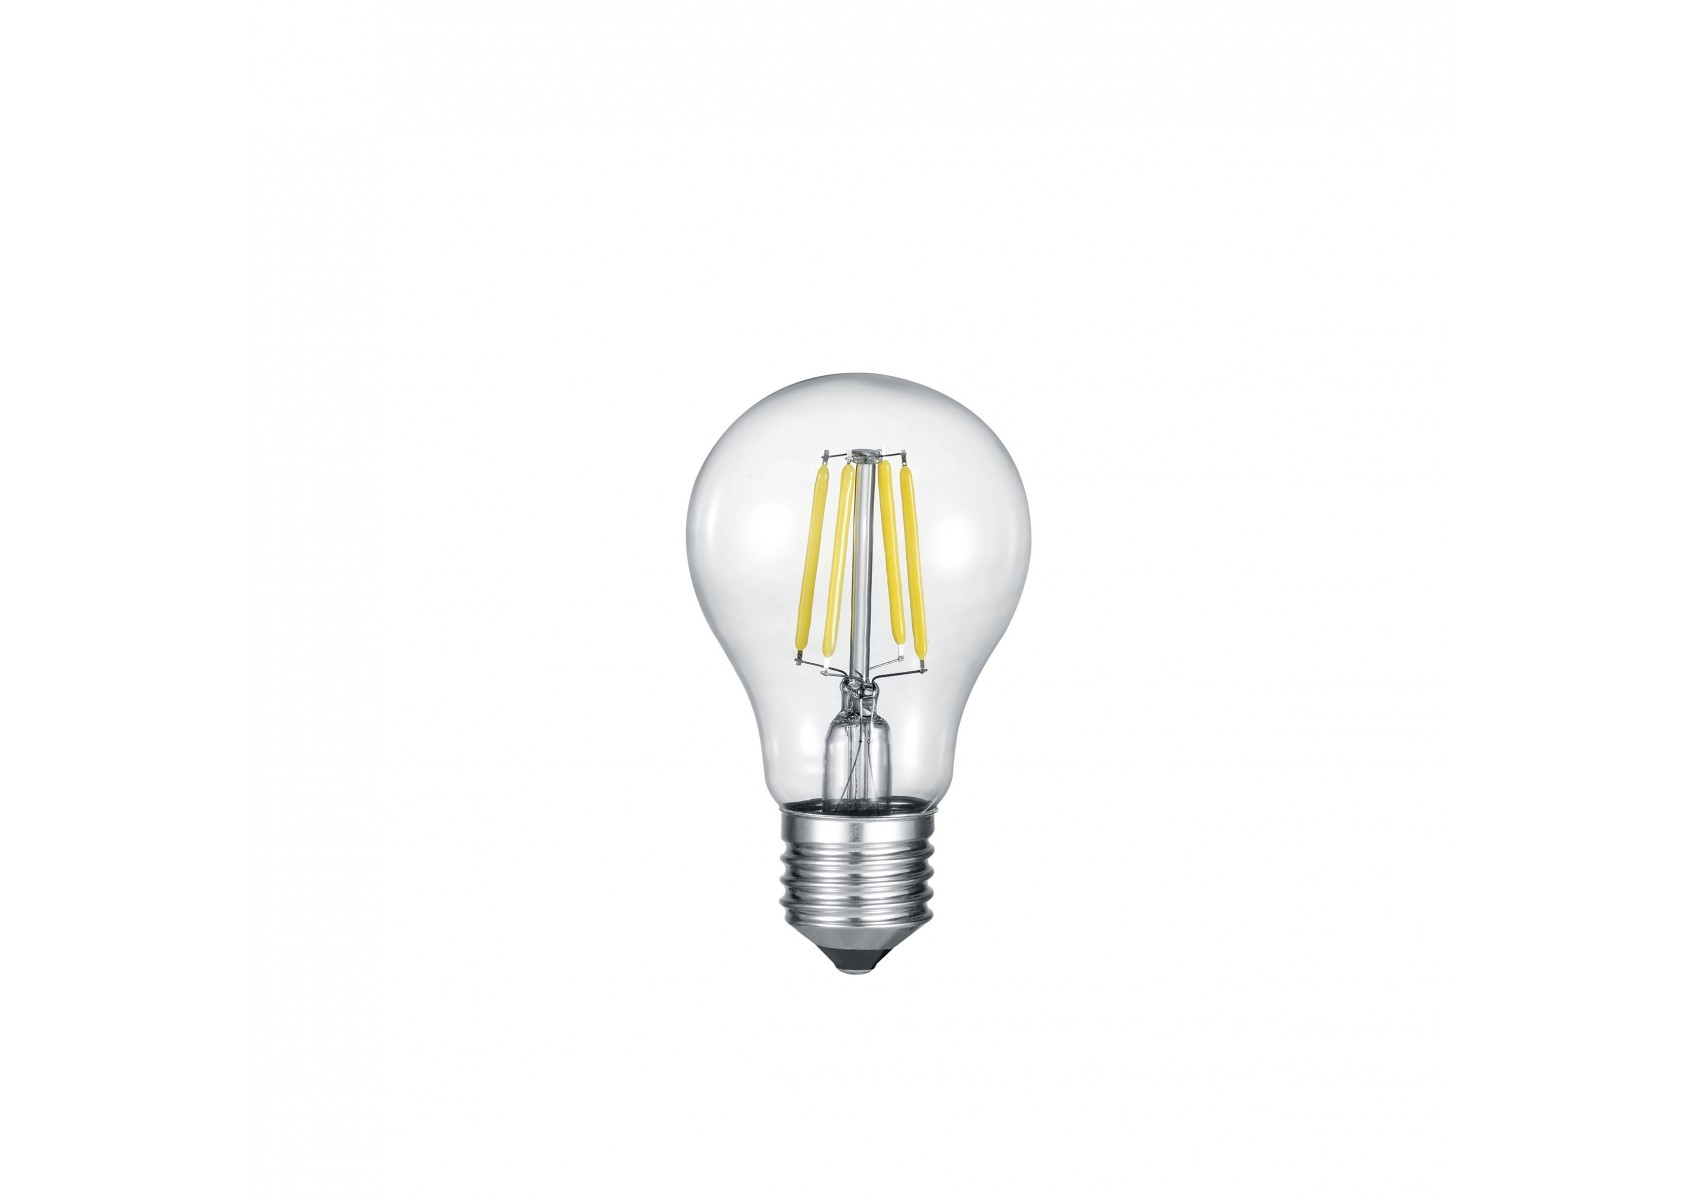 ampoule led e27 d co filament 400 lm 4w boite design. Black Bedroom Furniture Sets. Home Design Ideas